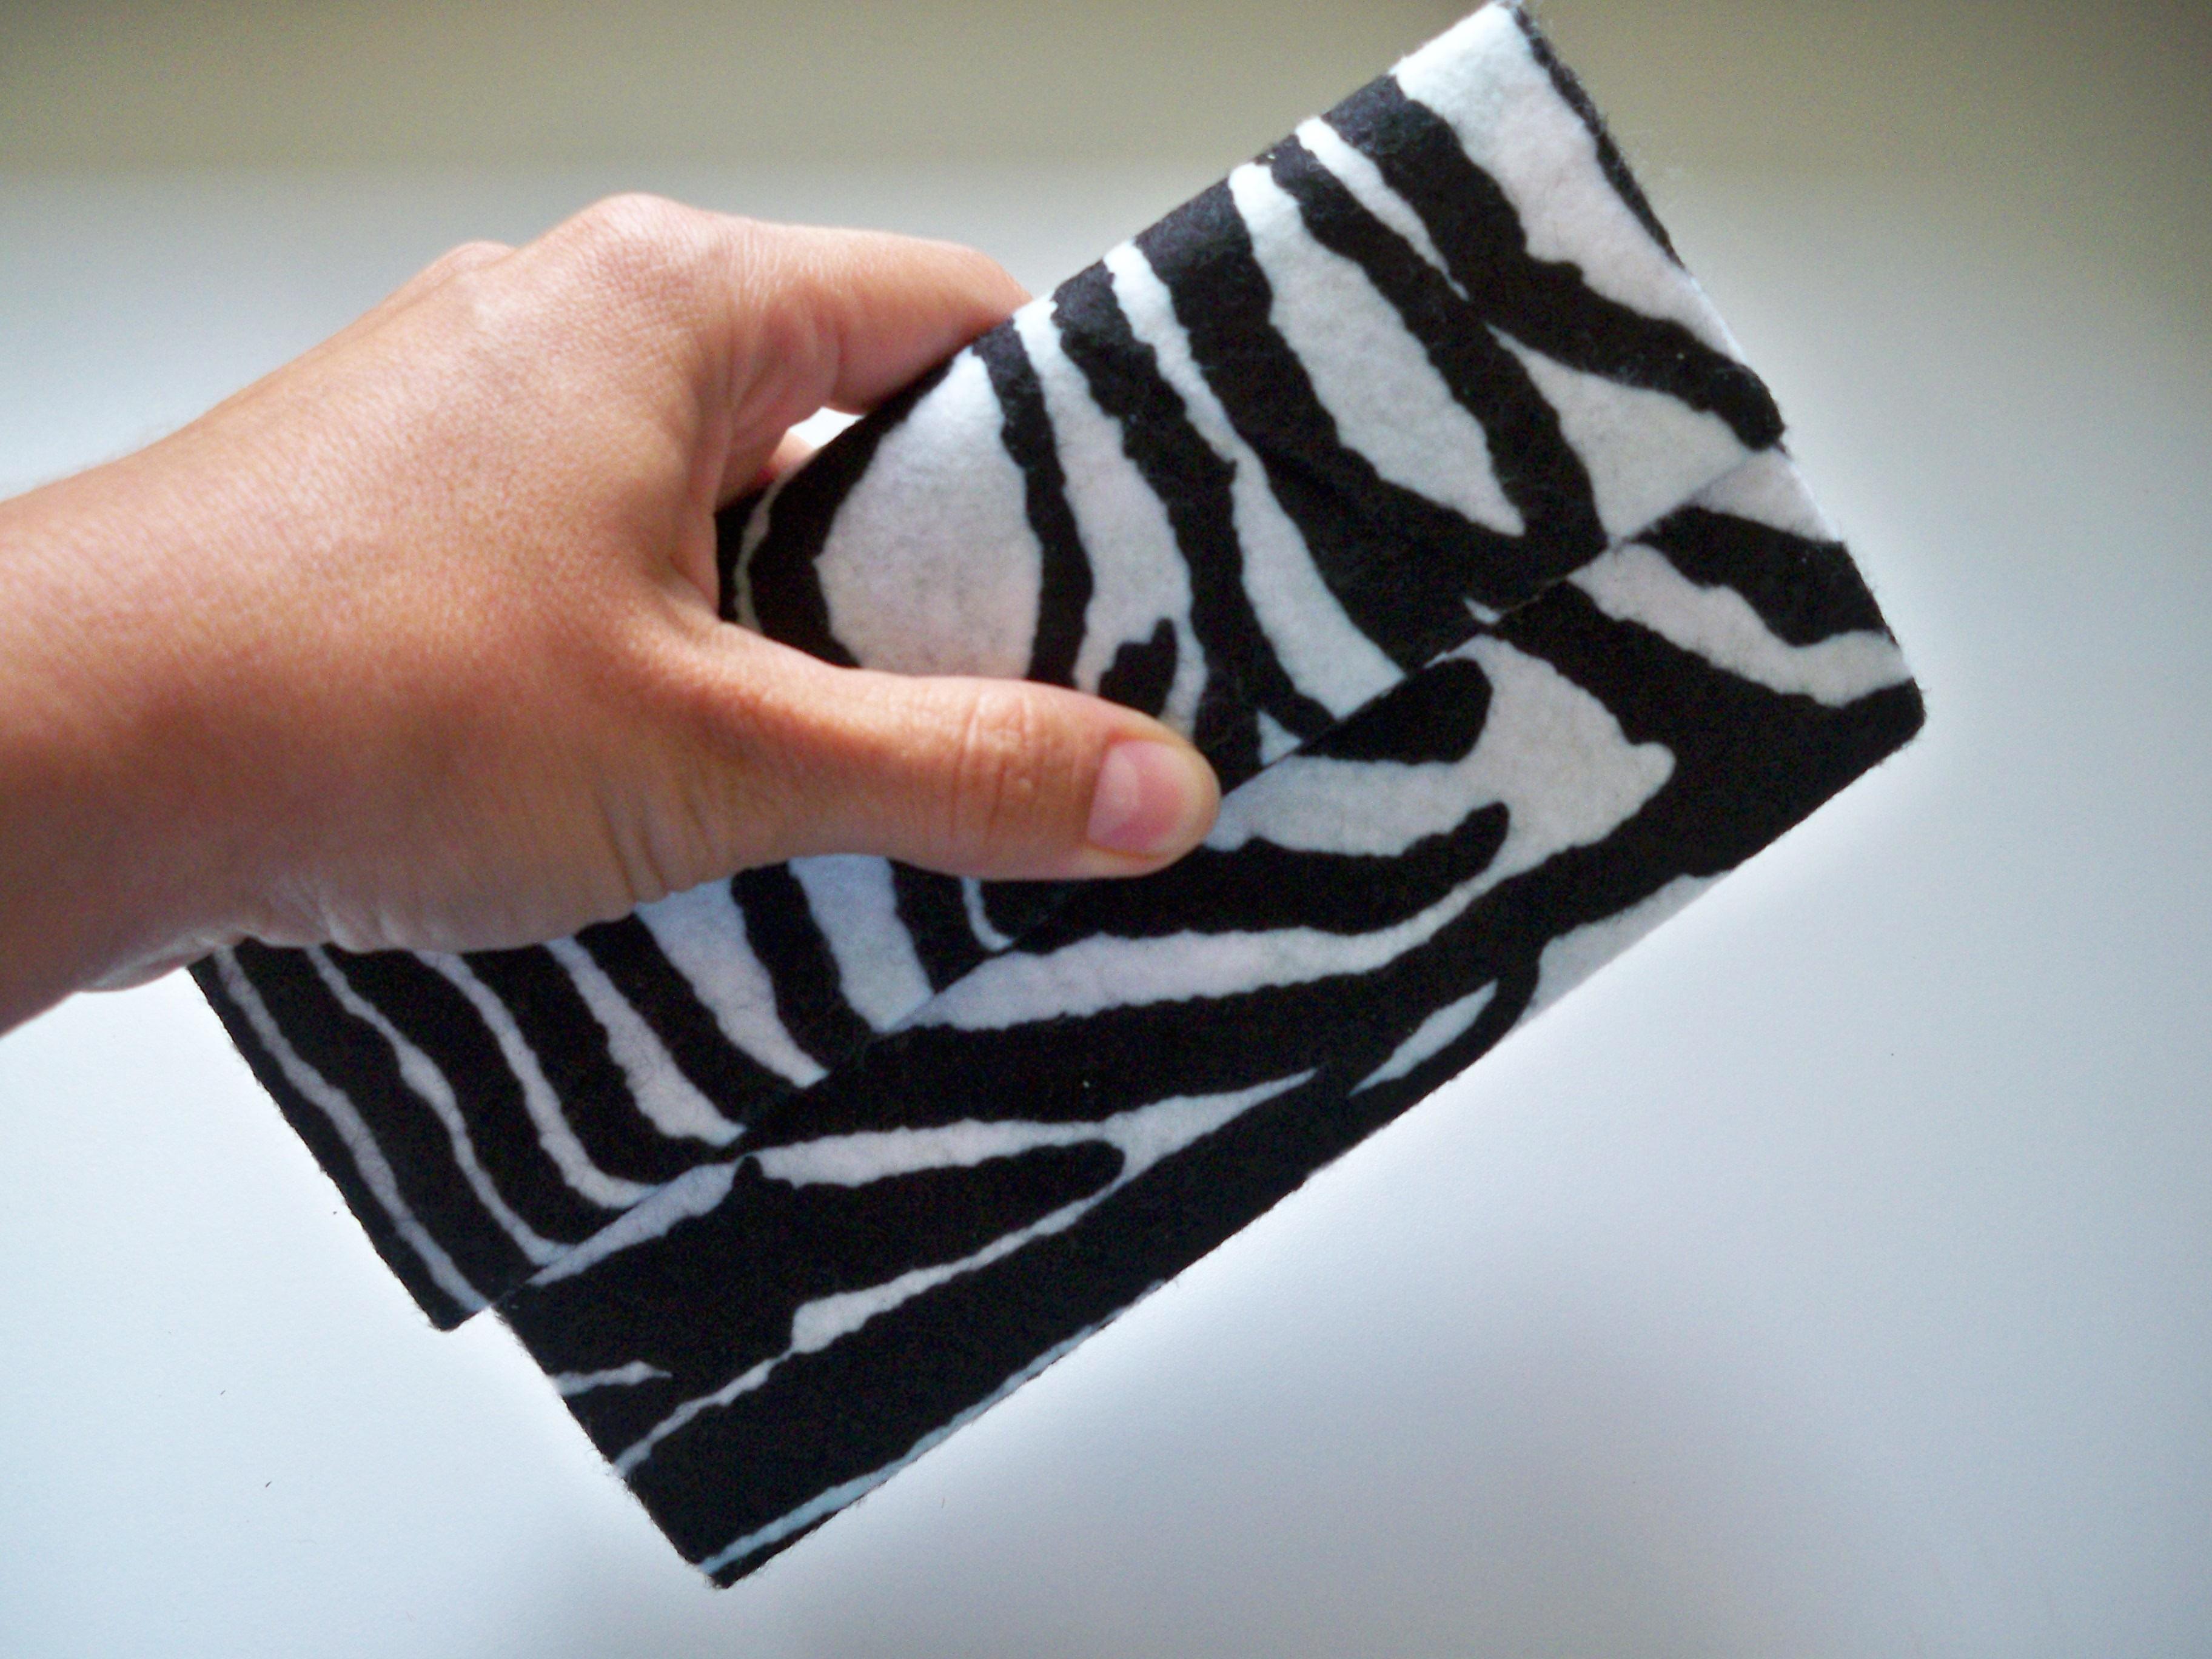 Bolsa De Festa De Caixa De Leite Passo A Passo : Bolsa de m?o com caixa leite modelos e como fazer